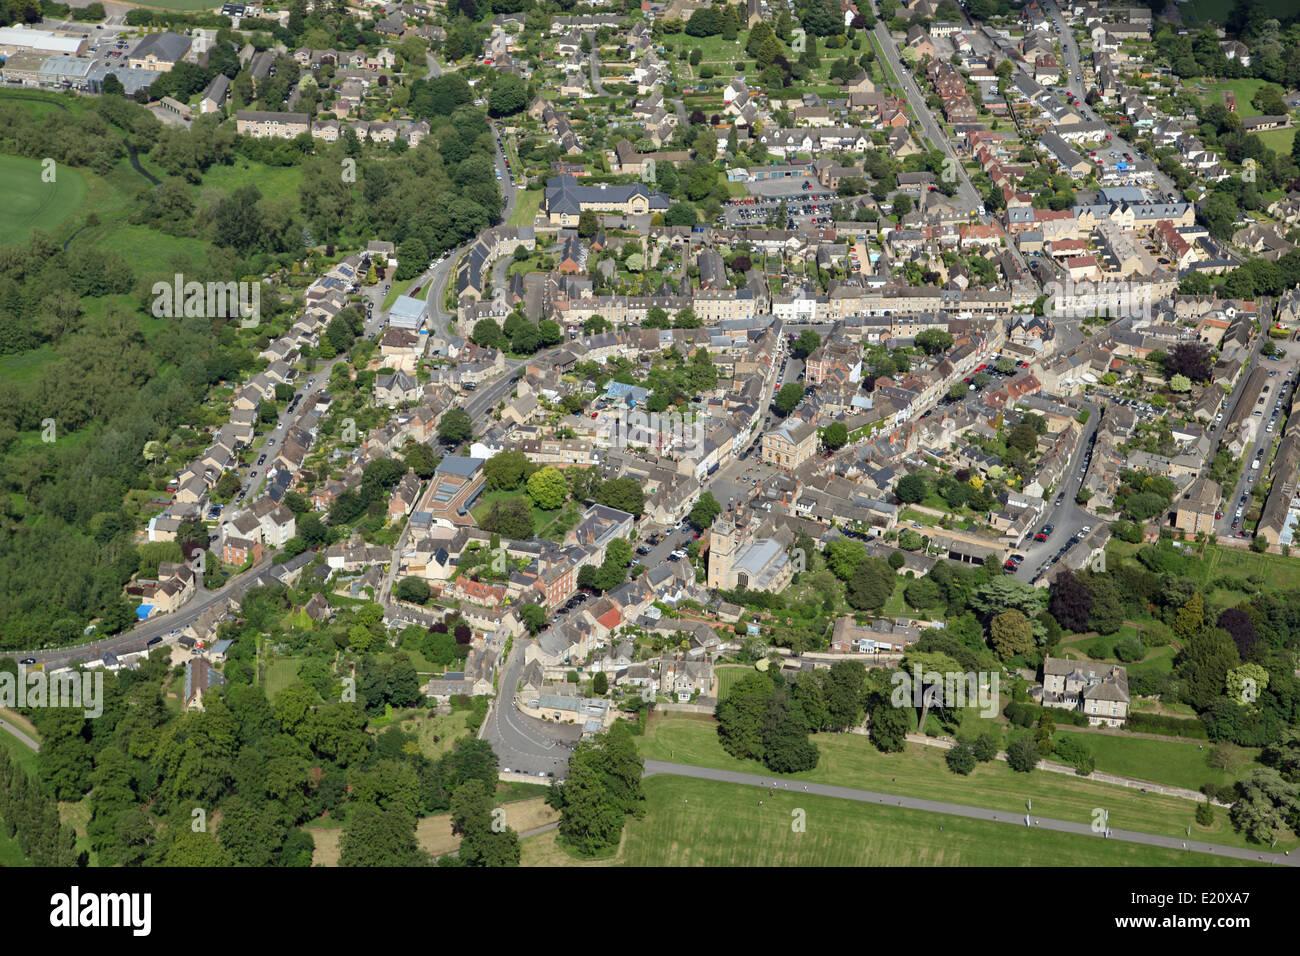 Vista aérea del pueblo de Woodstock, cerca de Blenheim, en Oxfordshire, REINO UNIDO Imagen De Stock